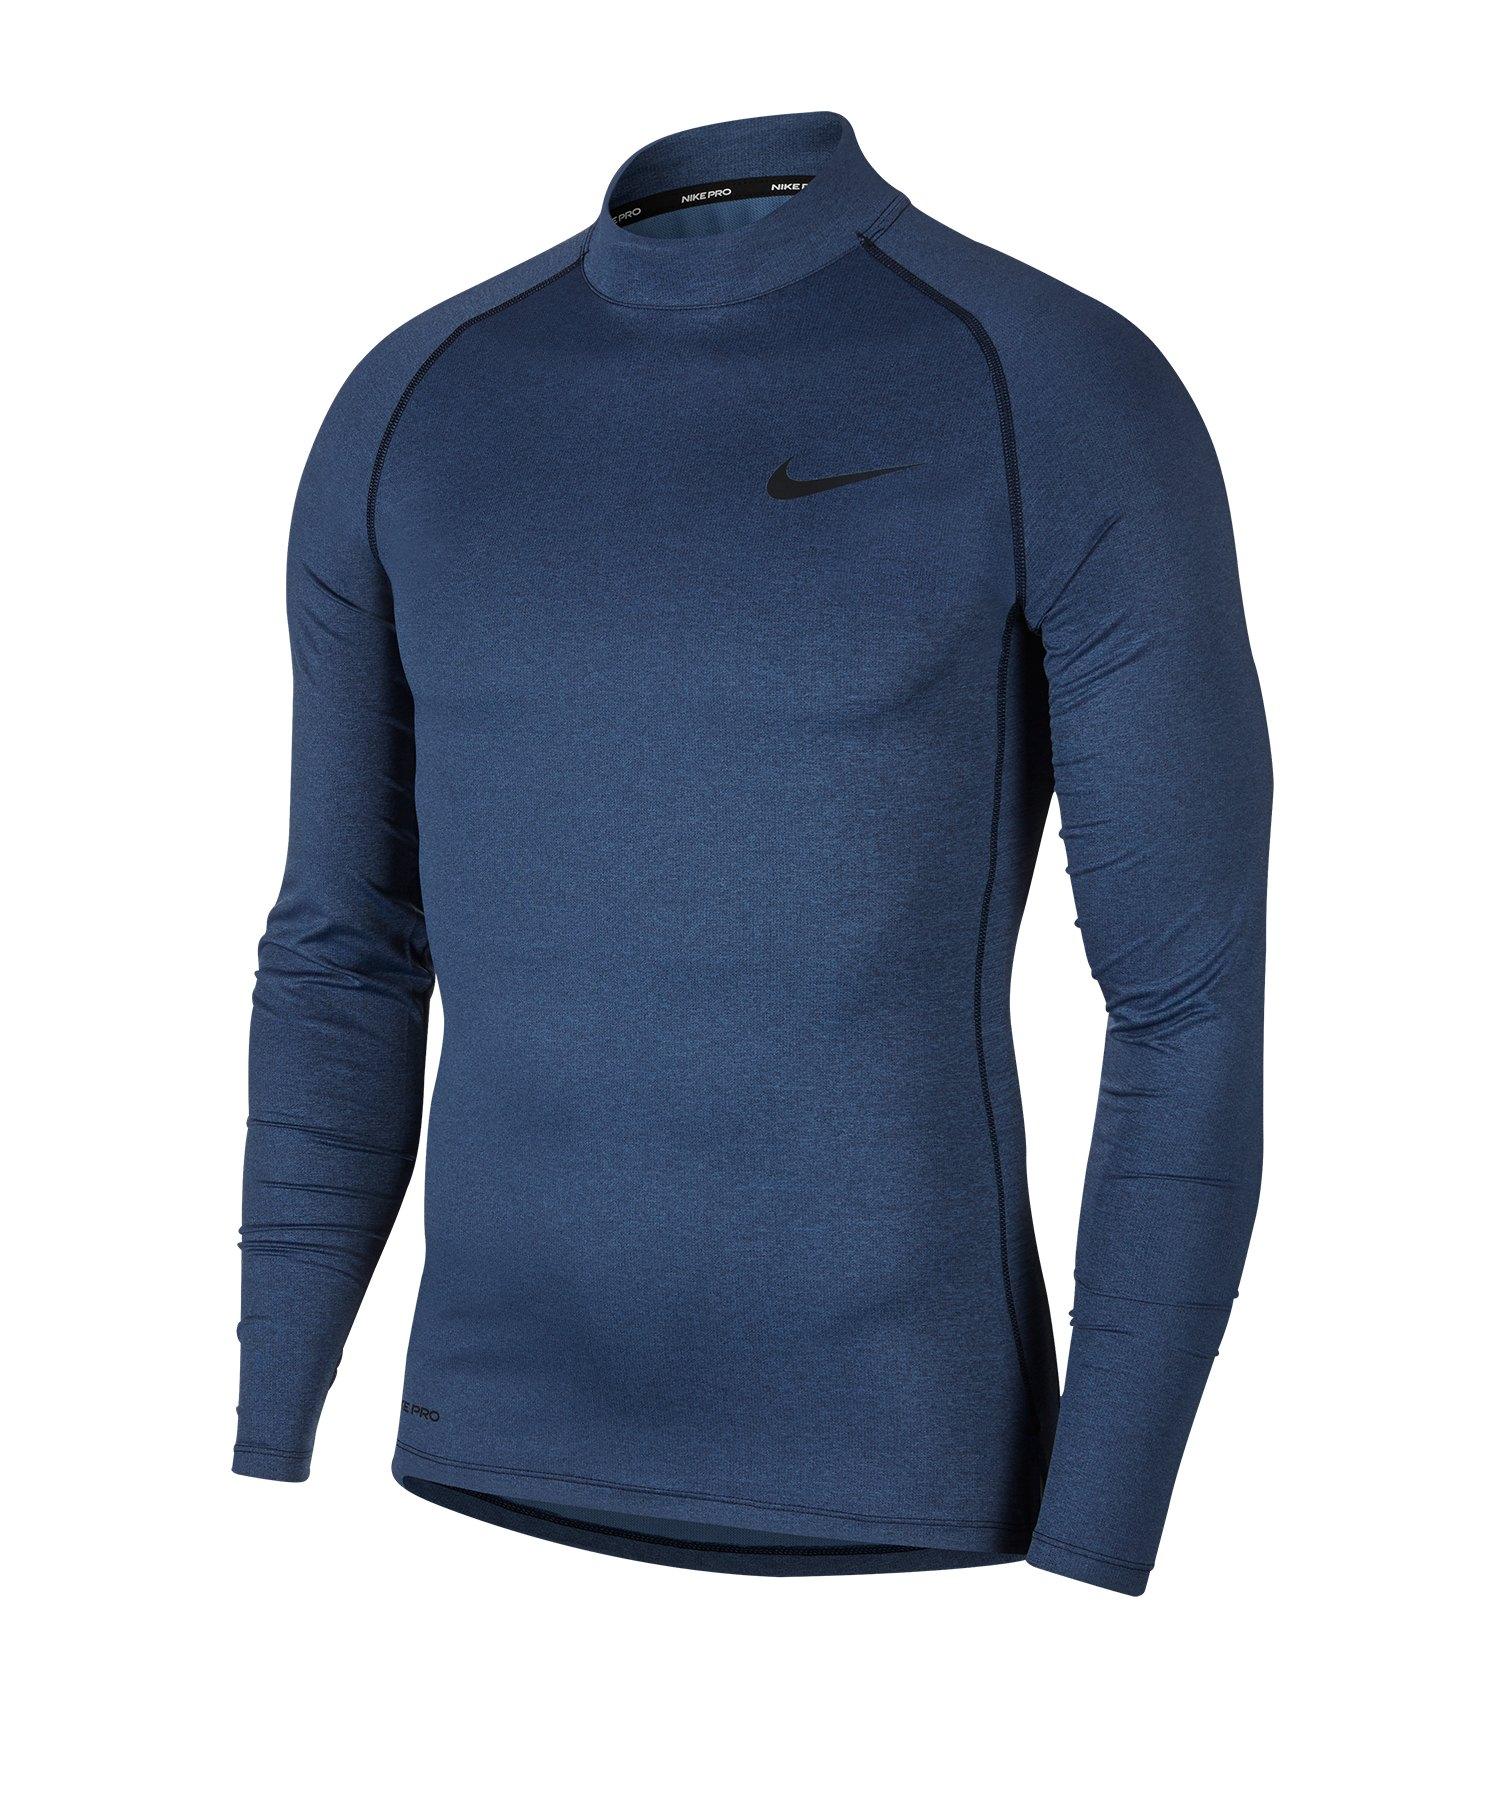 Nike Pro Training Top Mock langarm Blau F451 - blau